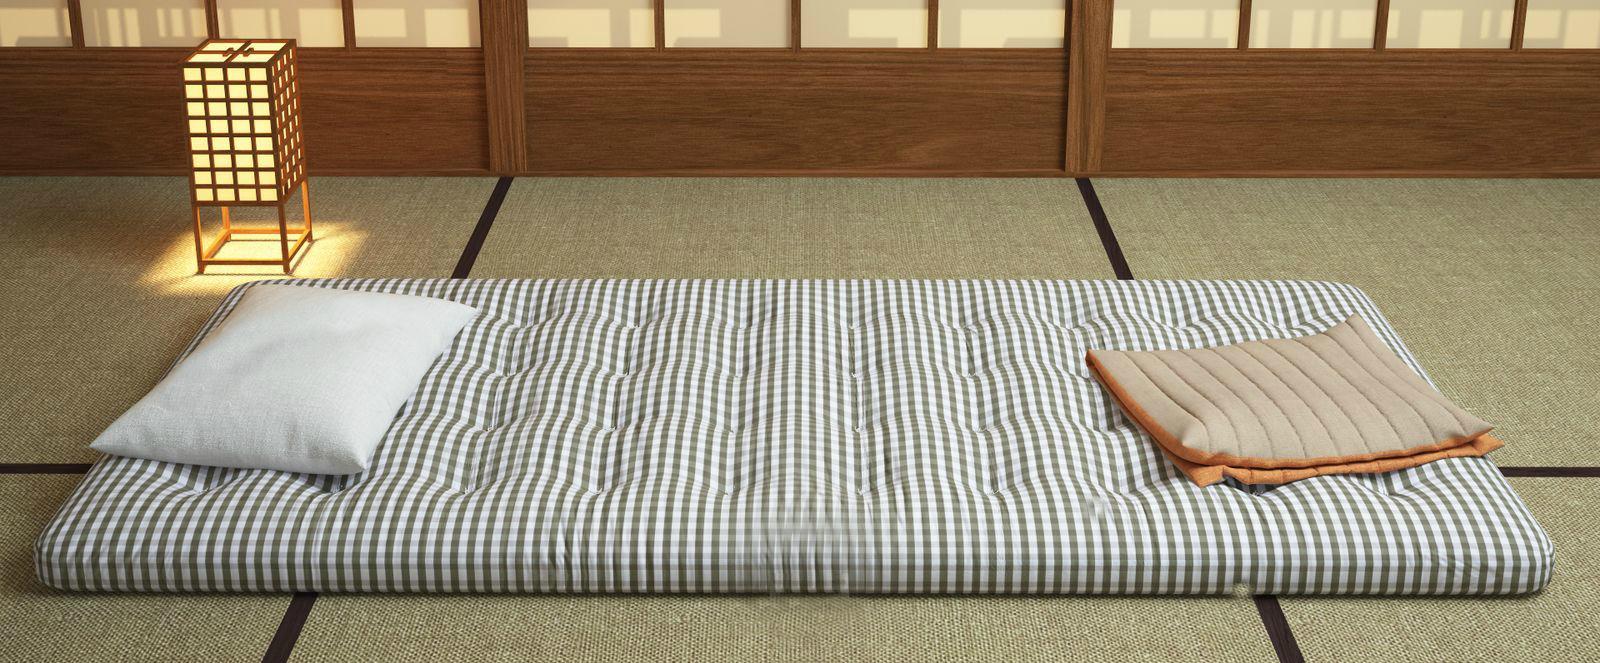 Японское спальное место